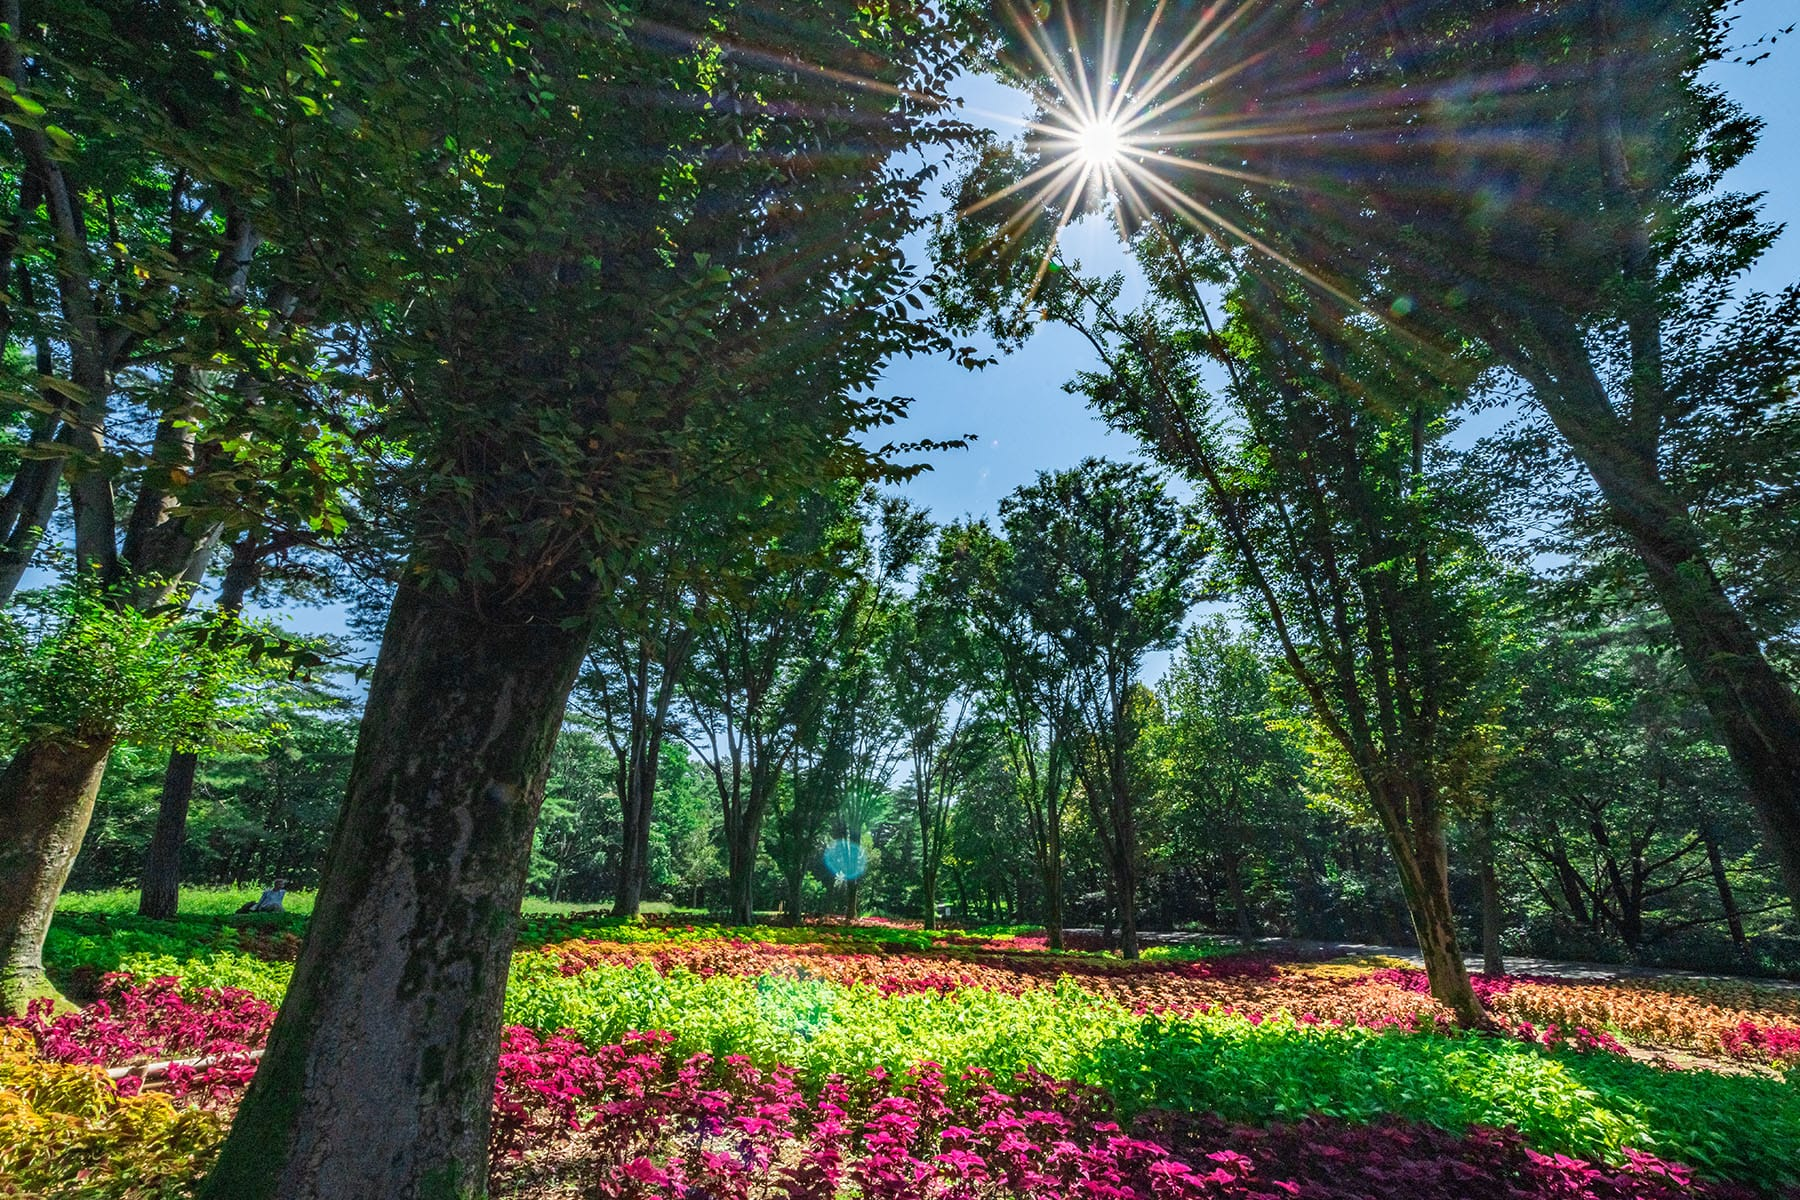 コリウス【武蔵丘陵森林公園|埼玉県比企郡滑川町】 | フォトさいたま